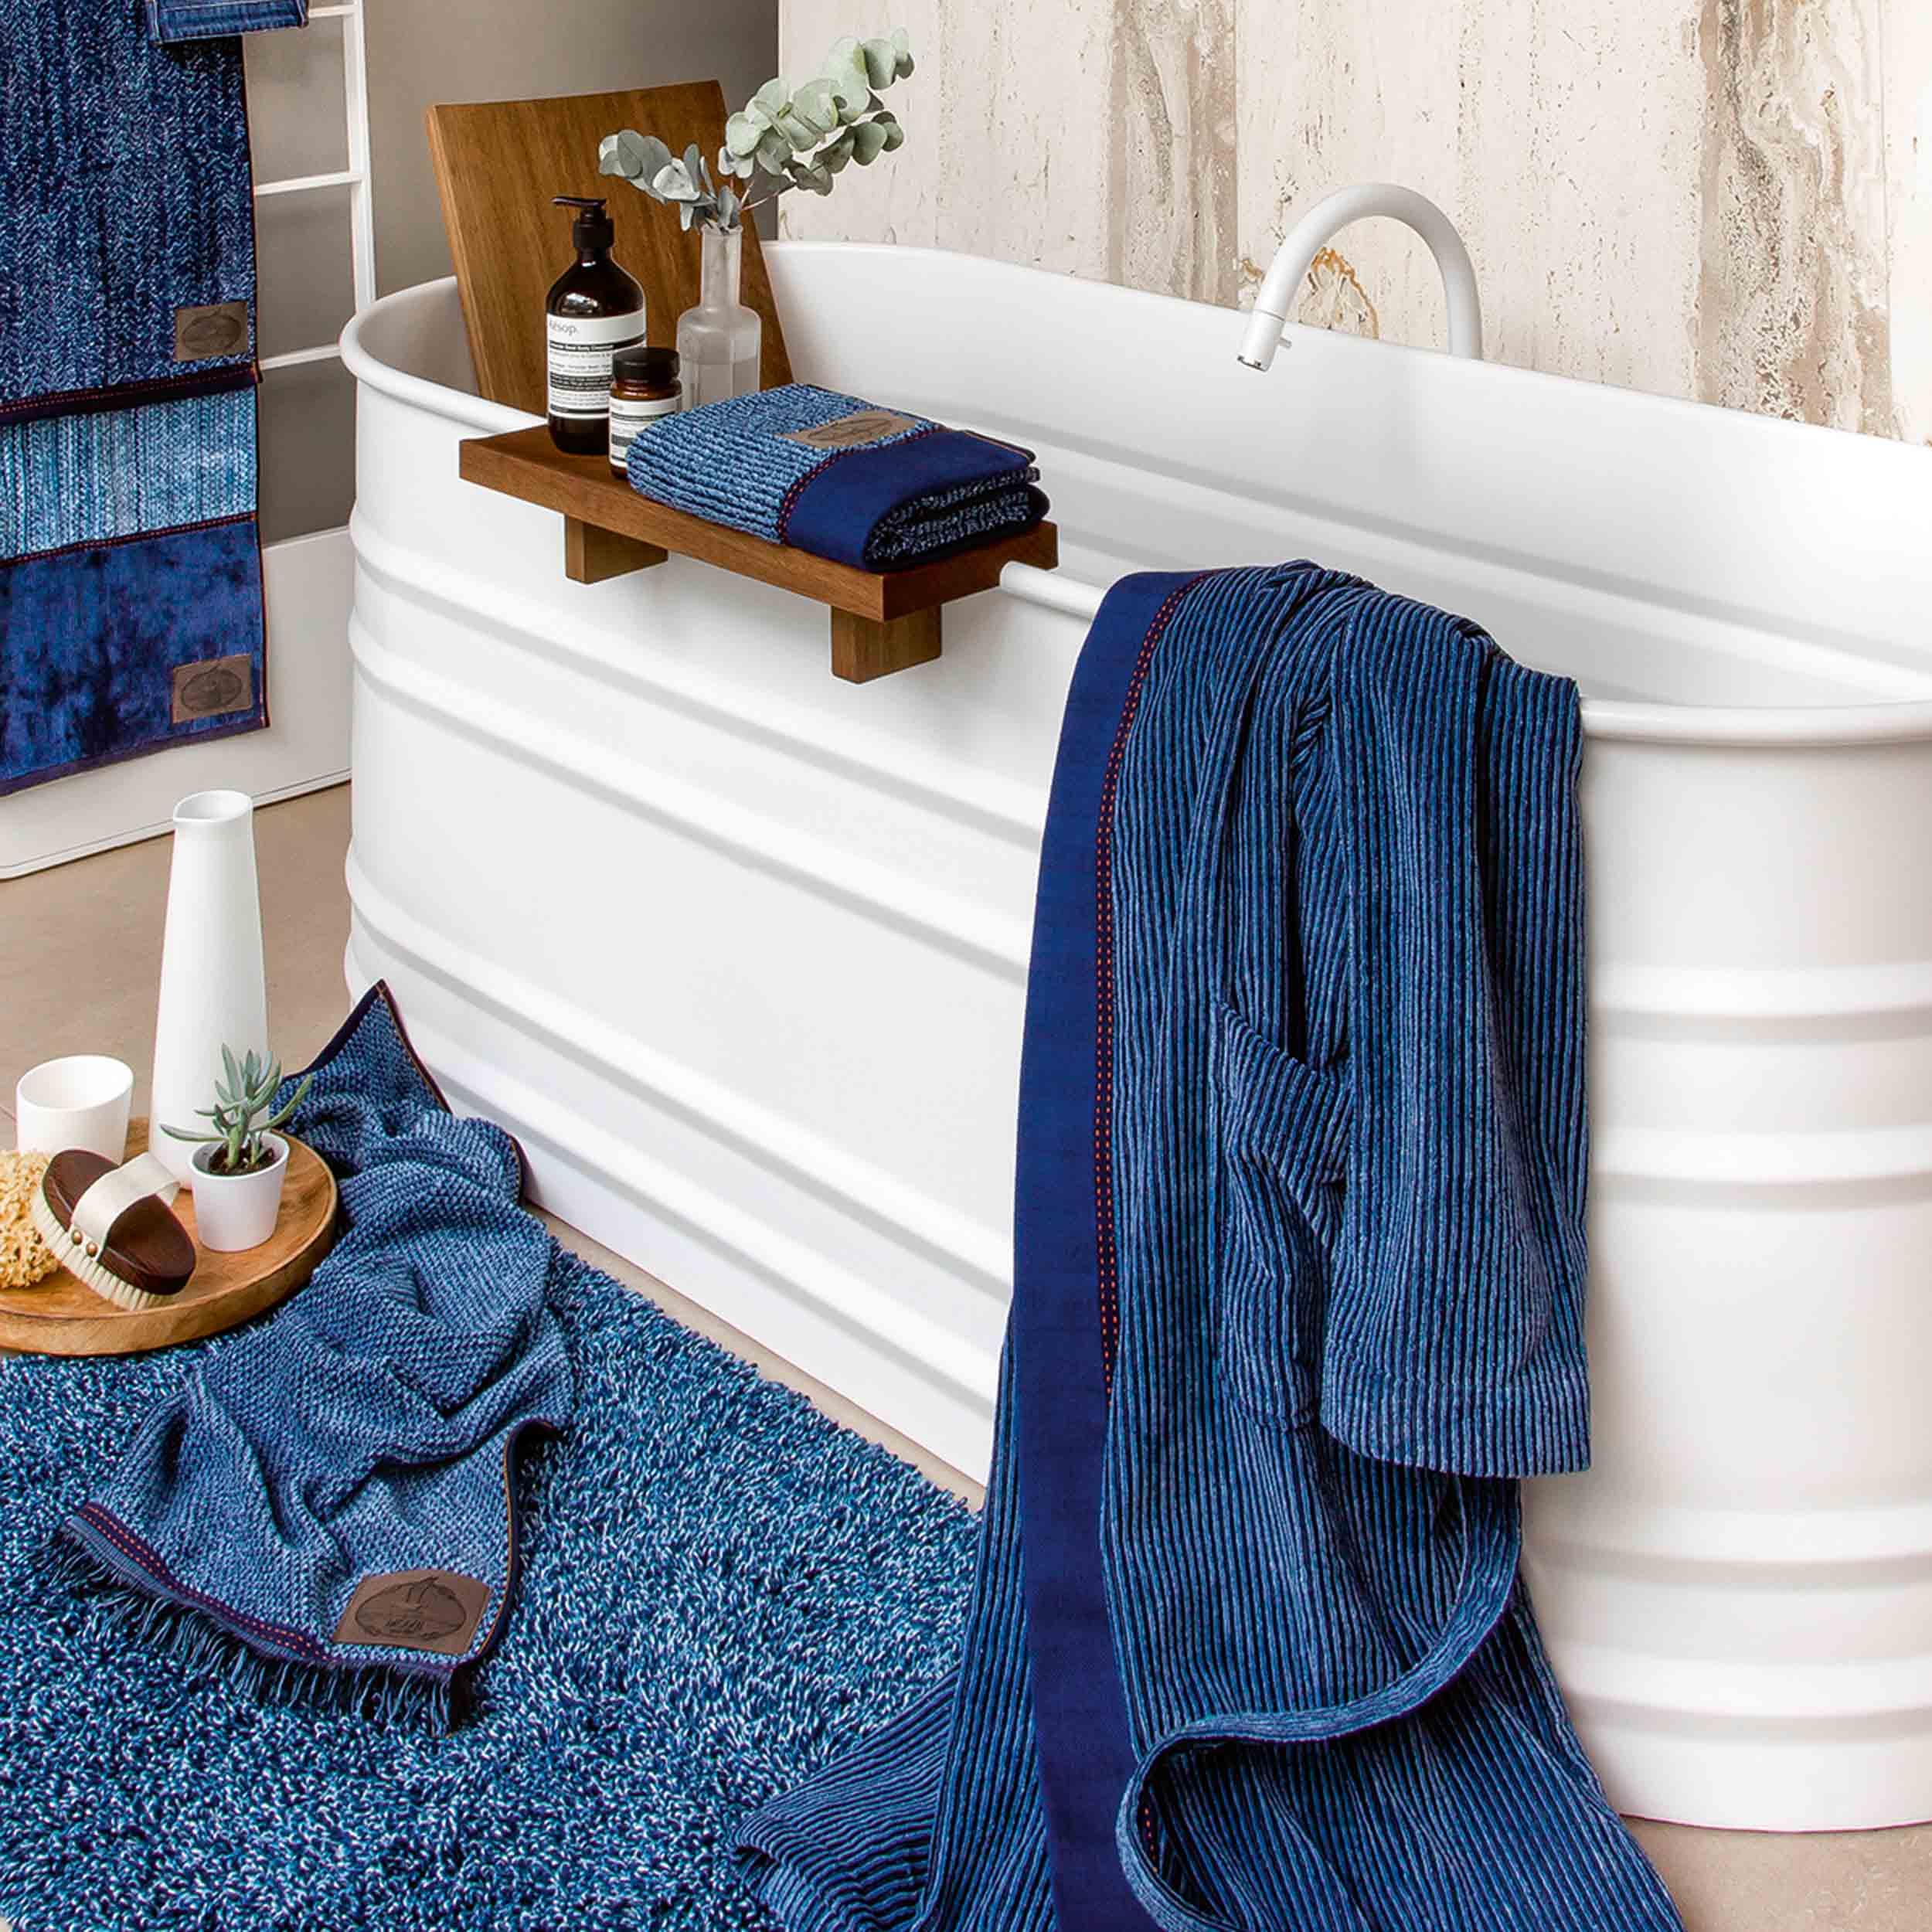 m ve denim badteppich m ve denim trends kollektionen. Black Bedroom Furniture Sets. Home Design Ideas